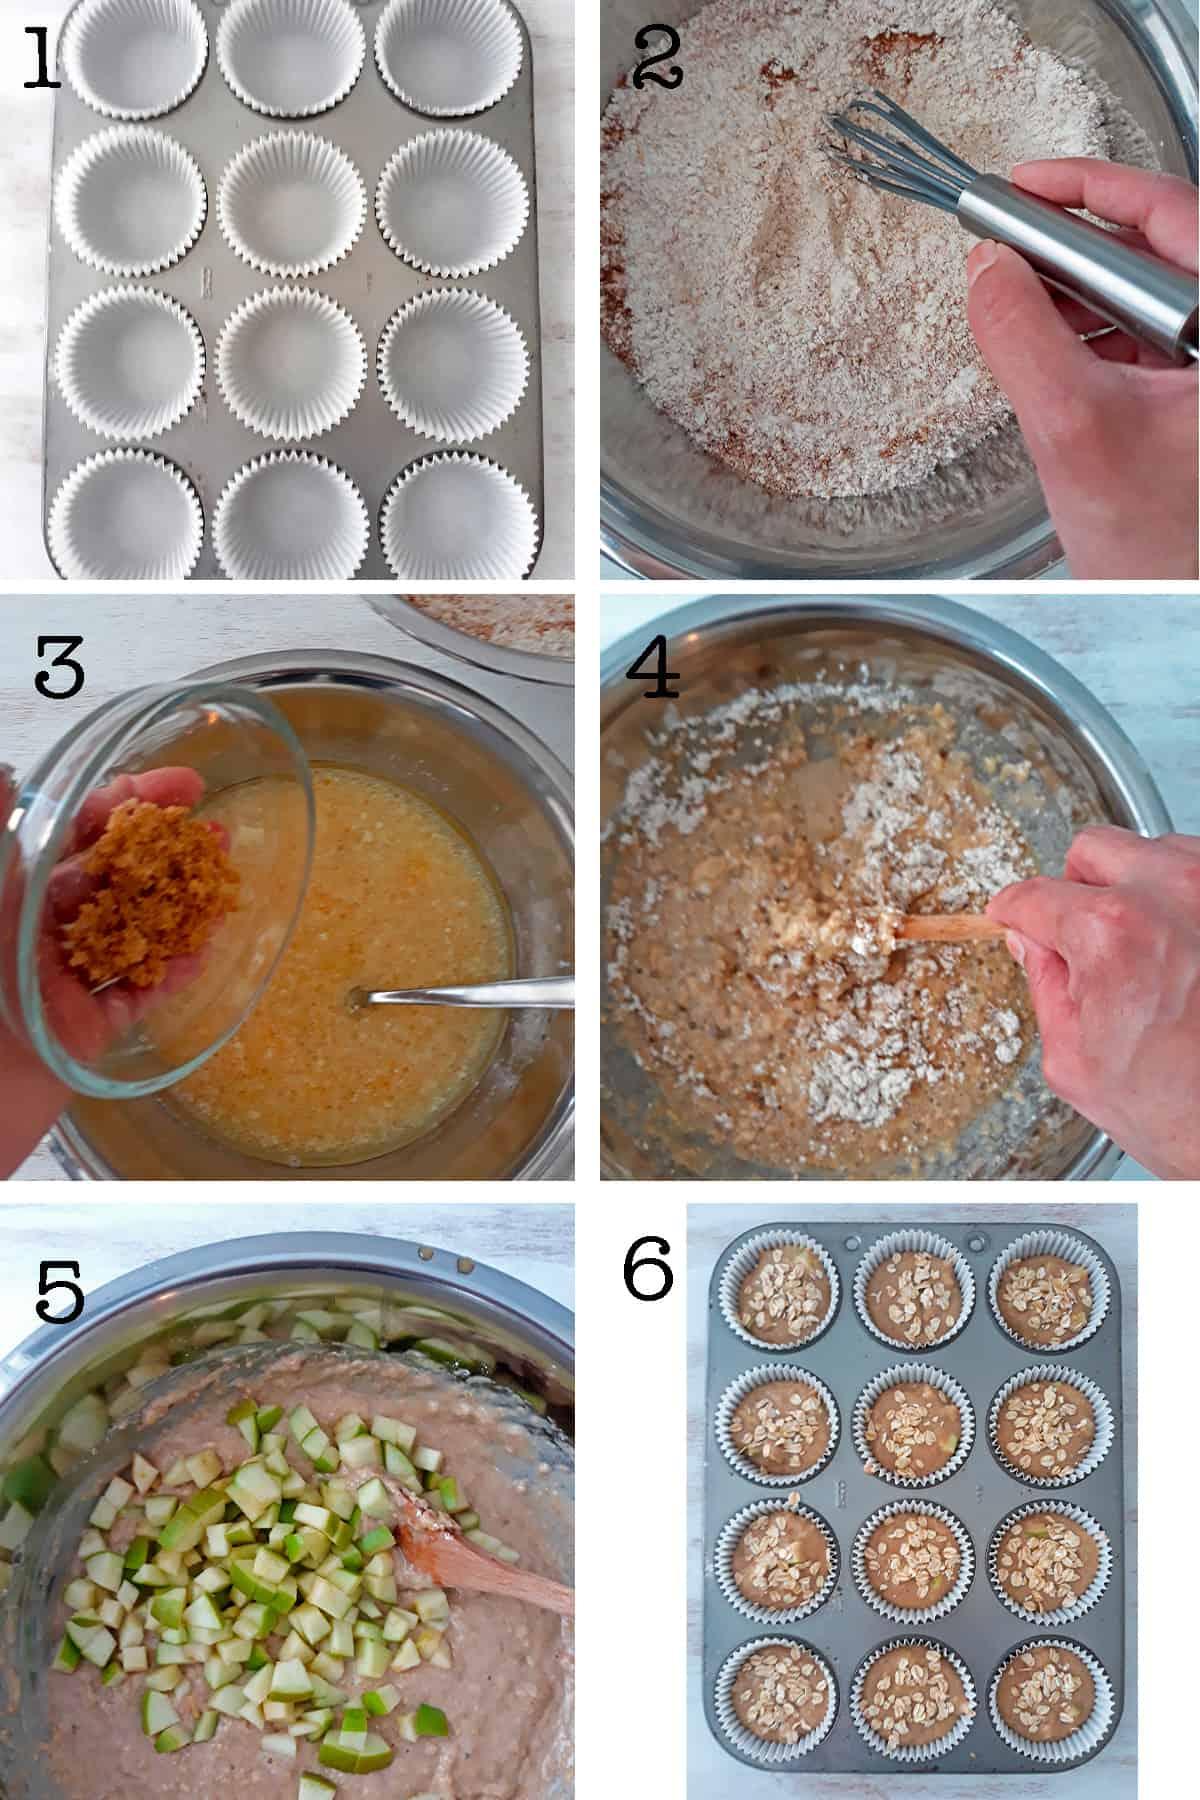 como preparar muffins de manzana paso a paso